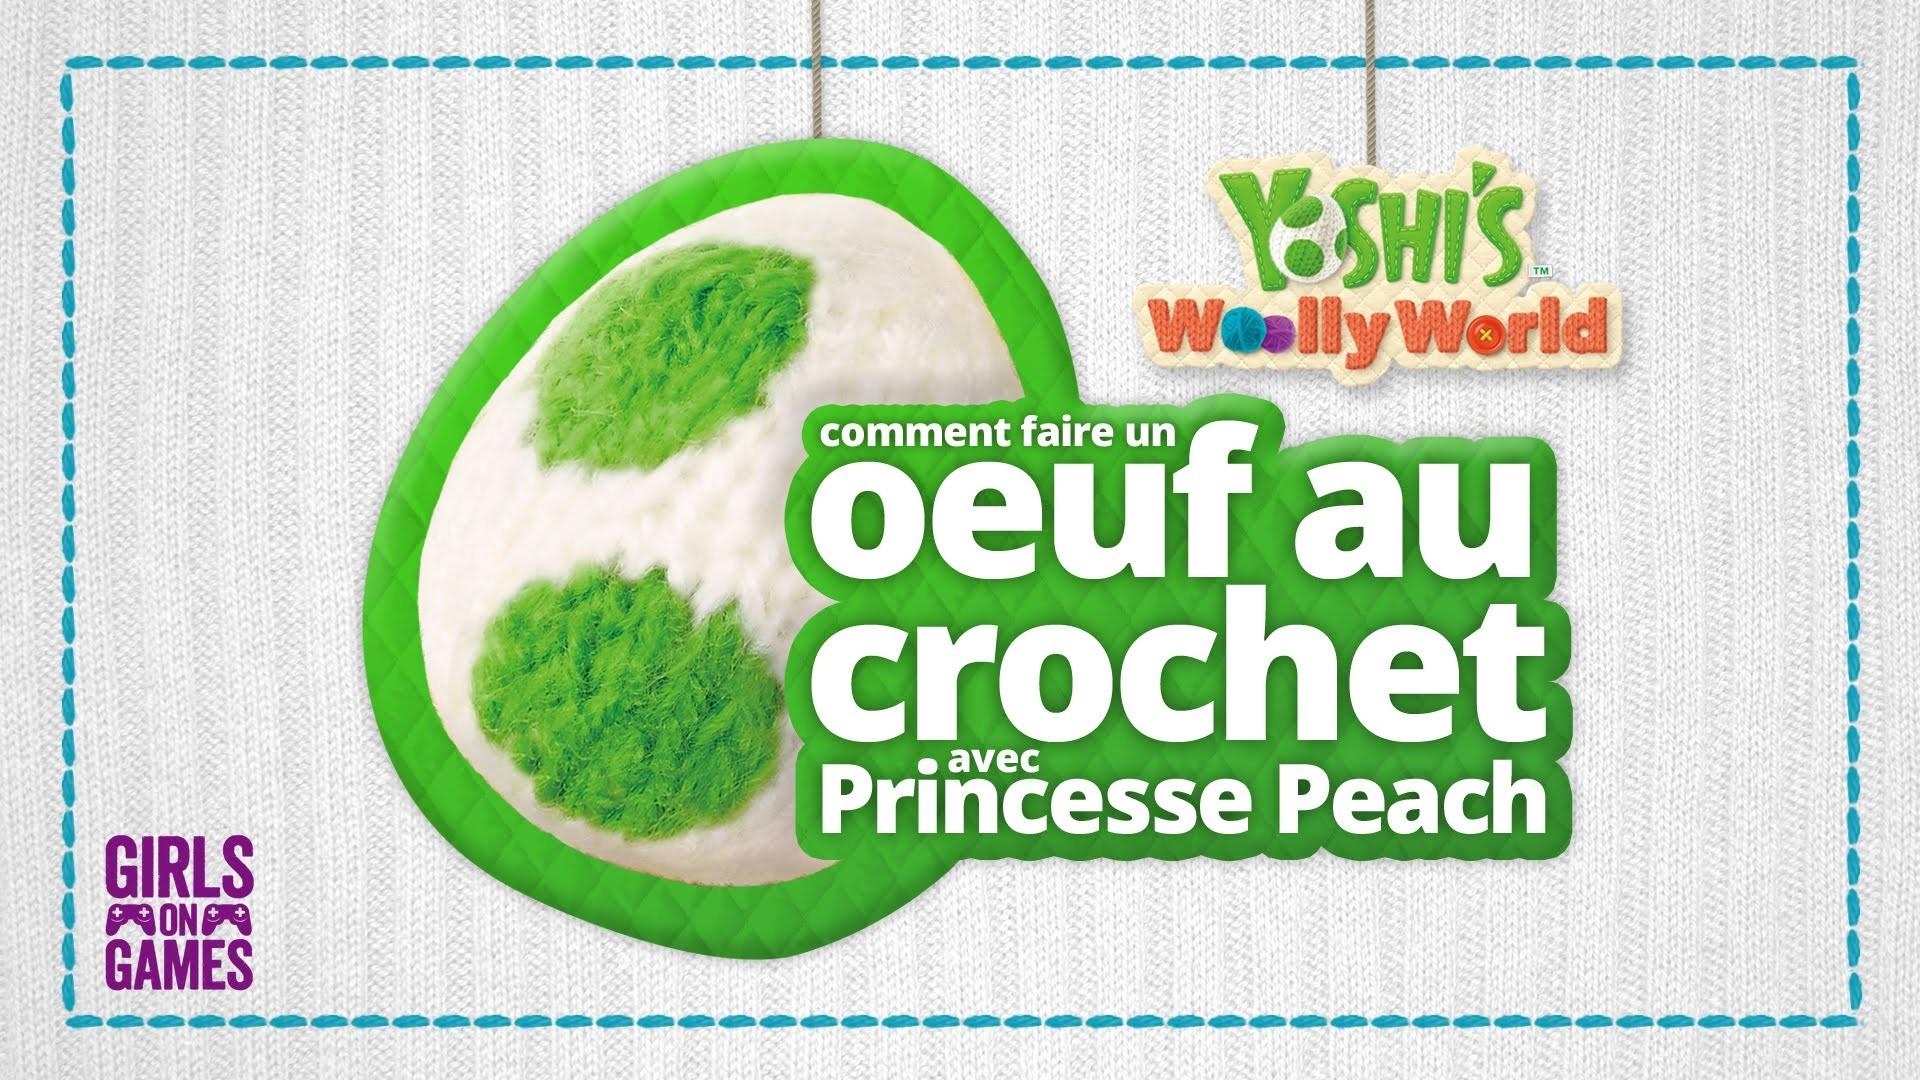 Comment faire un oeuf au crochet avec Princesse Peach! (Tuto)